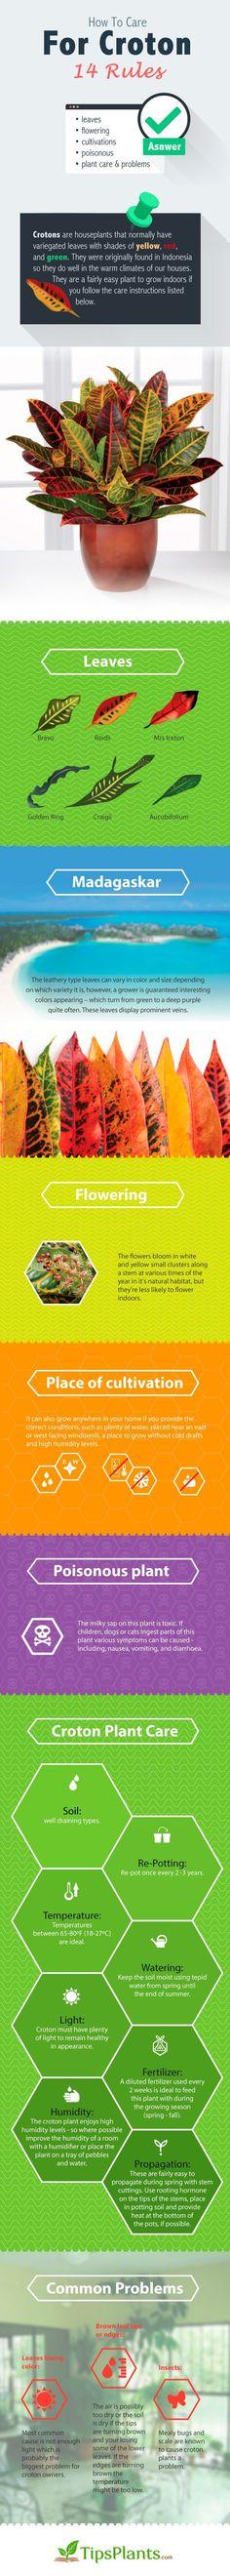 Croton infographic